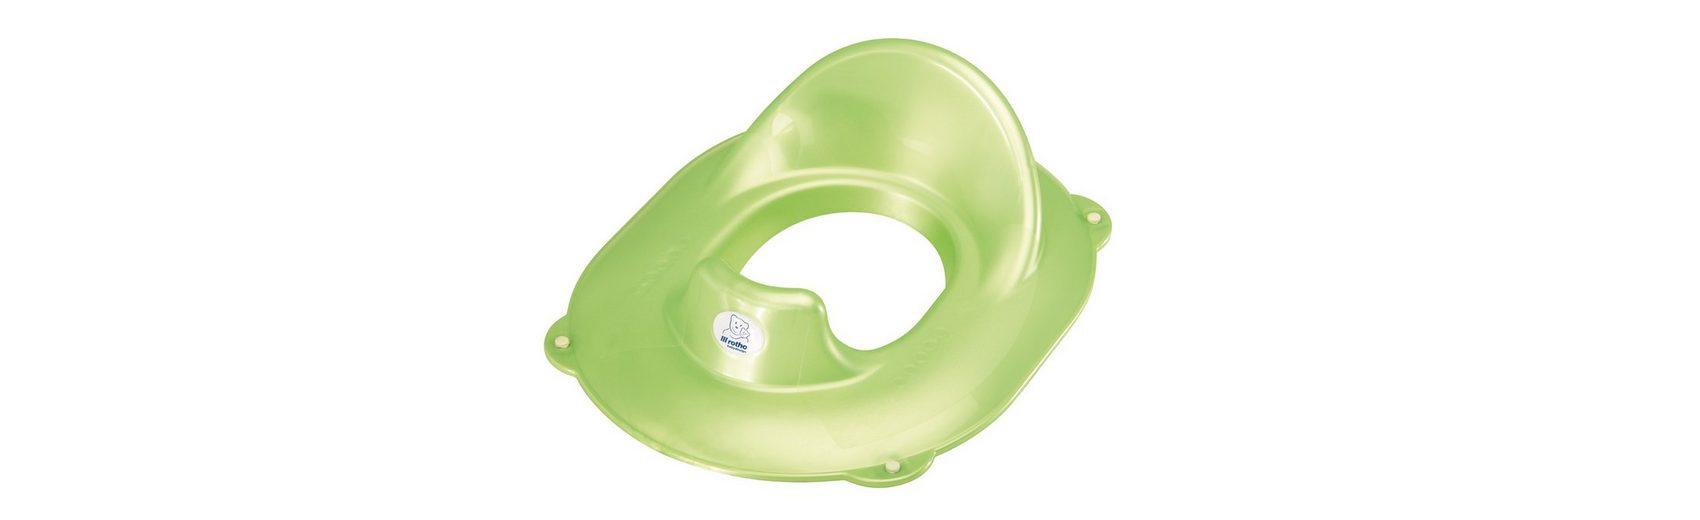 Rotho Babydesign Toilettensitz Top, lindgrün perl